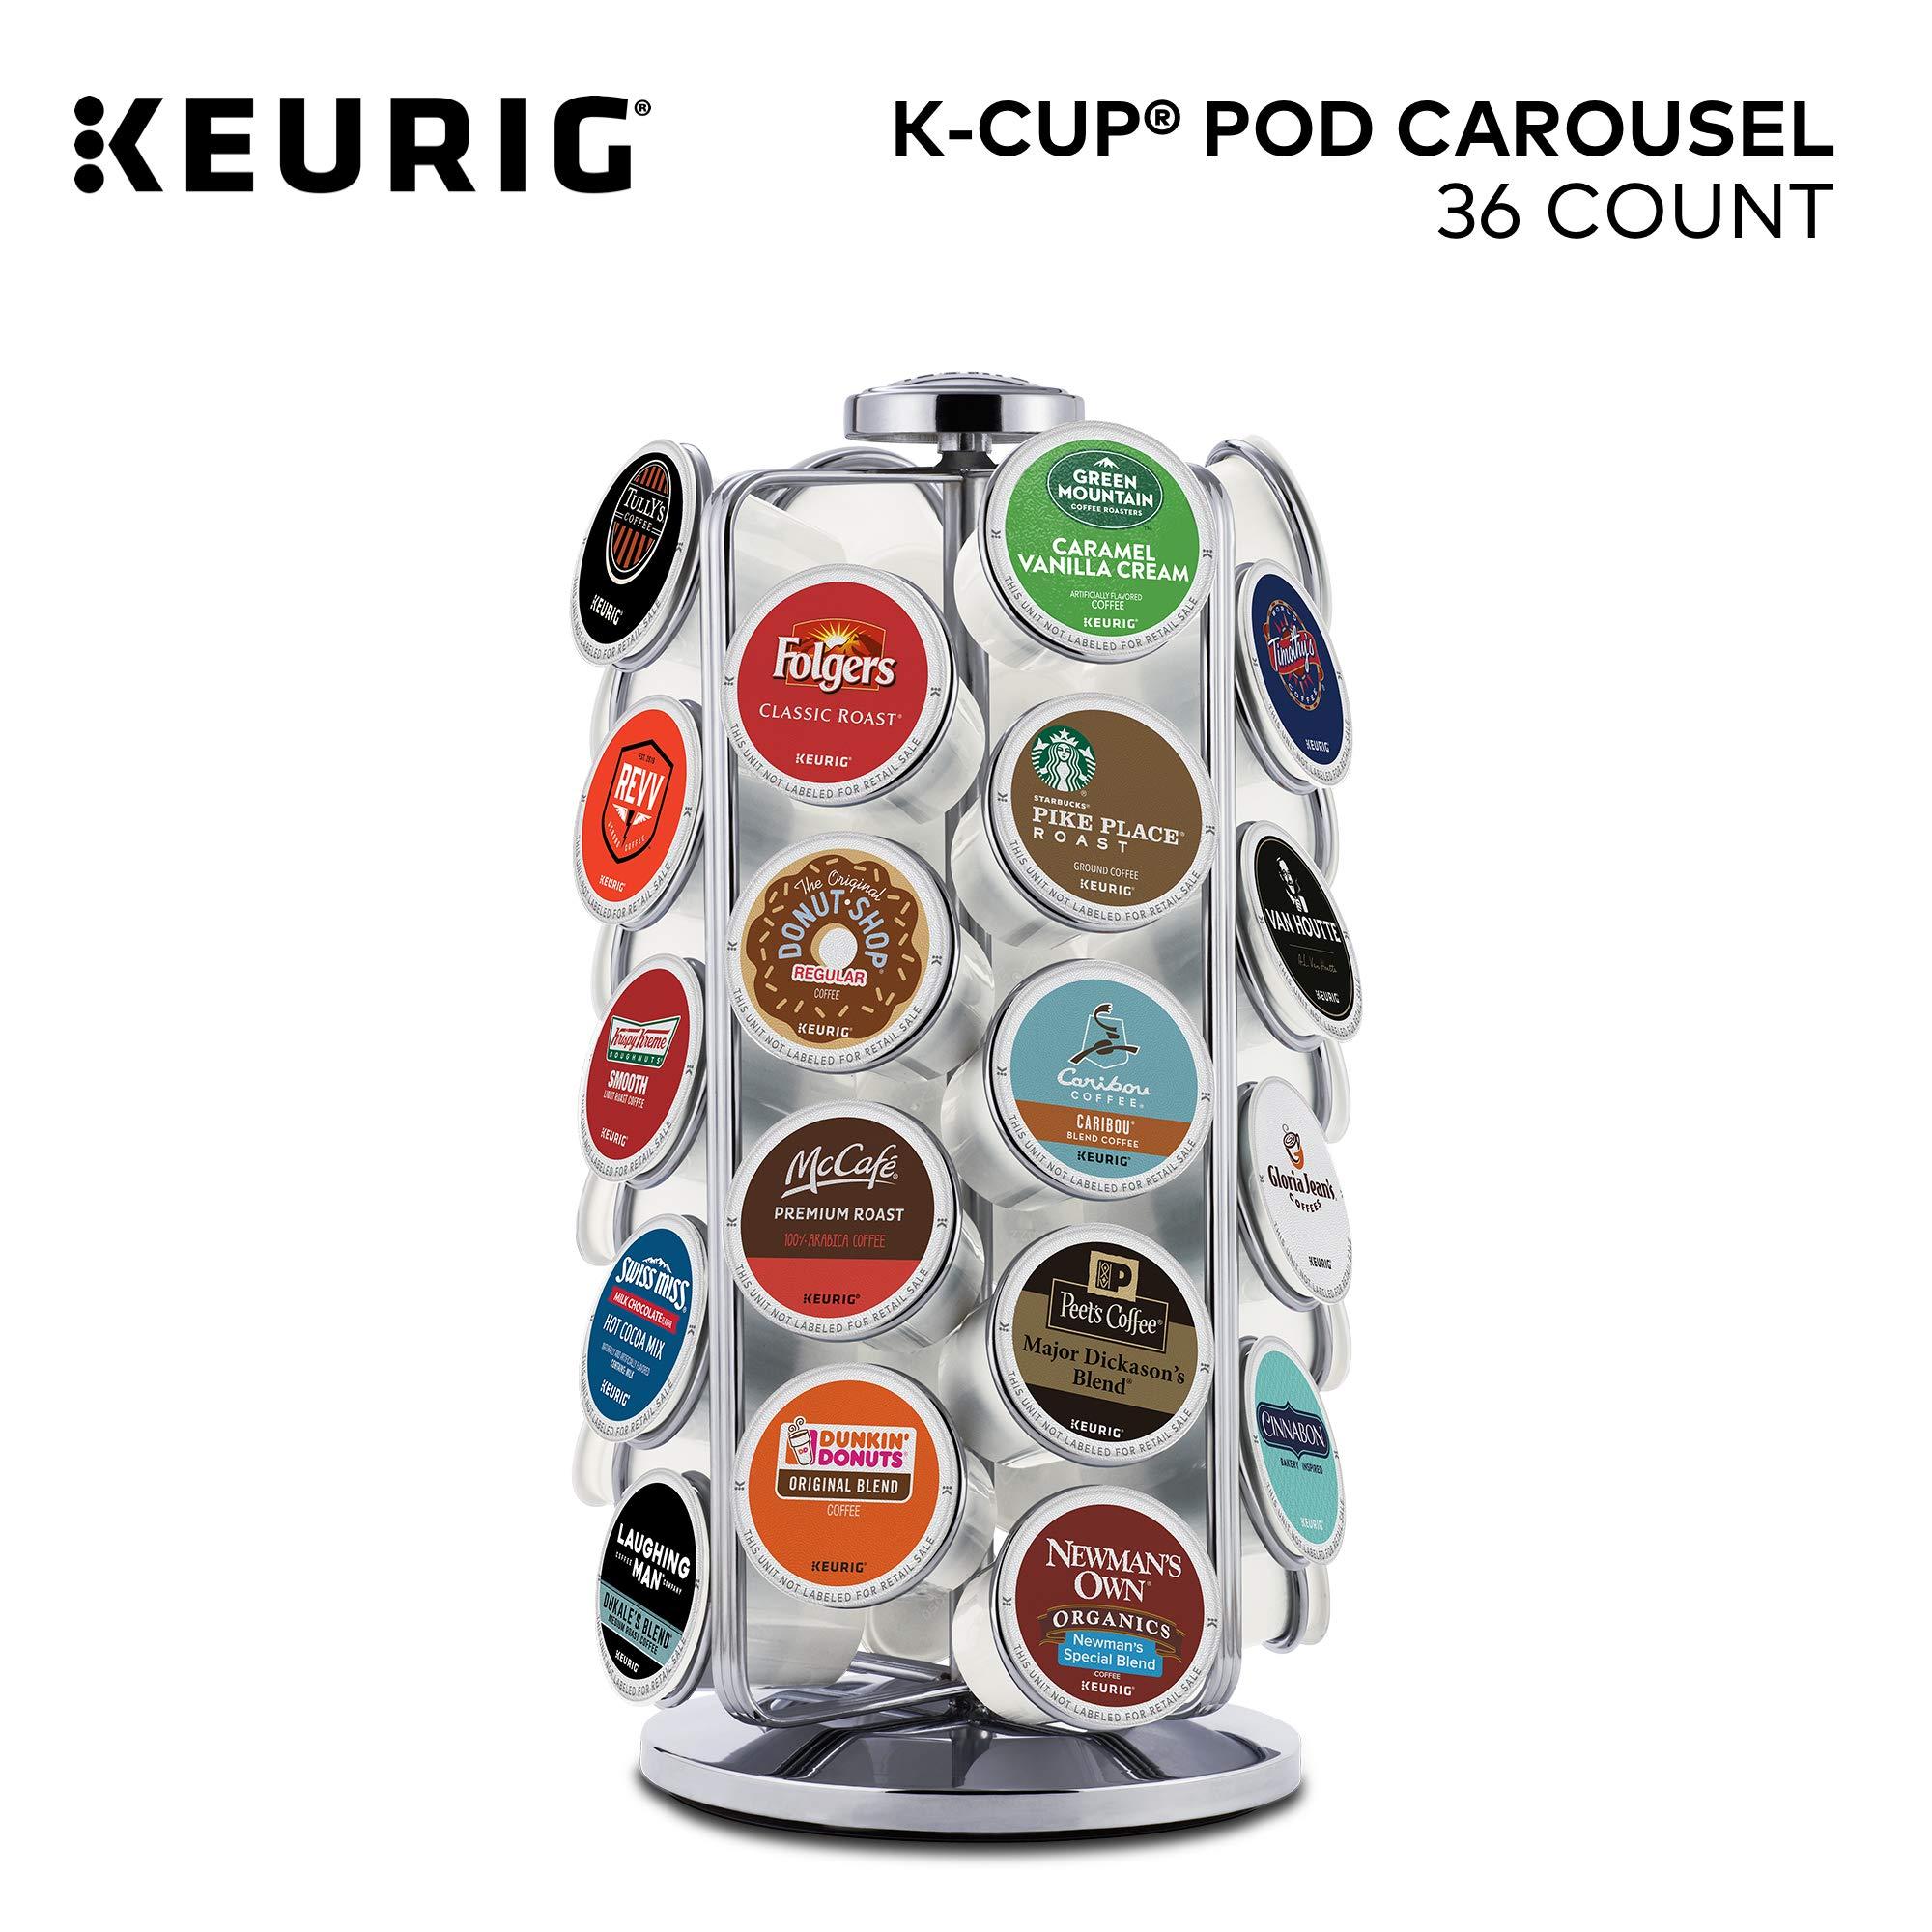 Keurig Storage Carousel, Coffee Pod Storage, Holds up to 36 Keurig K-Cup Pods, Silver by Keurig